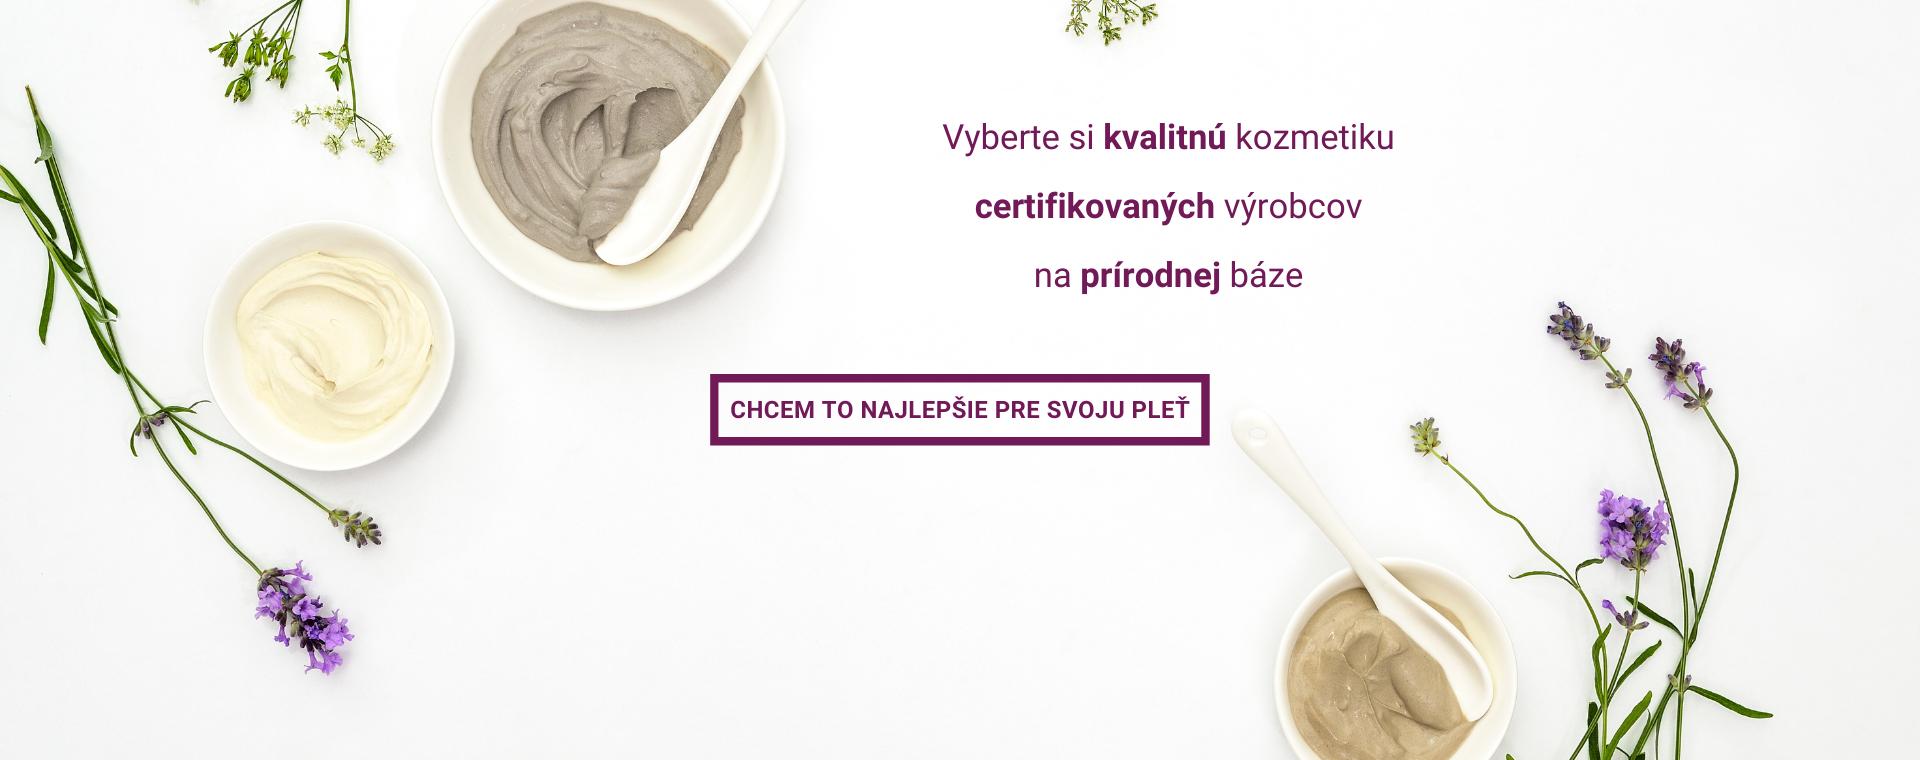 Kozmetika eshop.zvukduse.eu čistenie pleti starostlivosť o pokožku bio ekologická šetrná k prírode